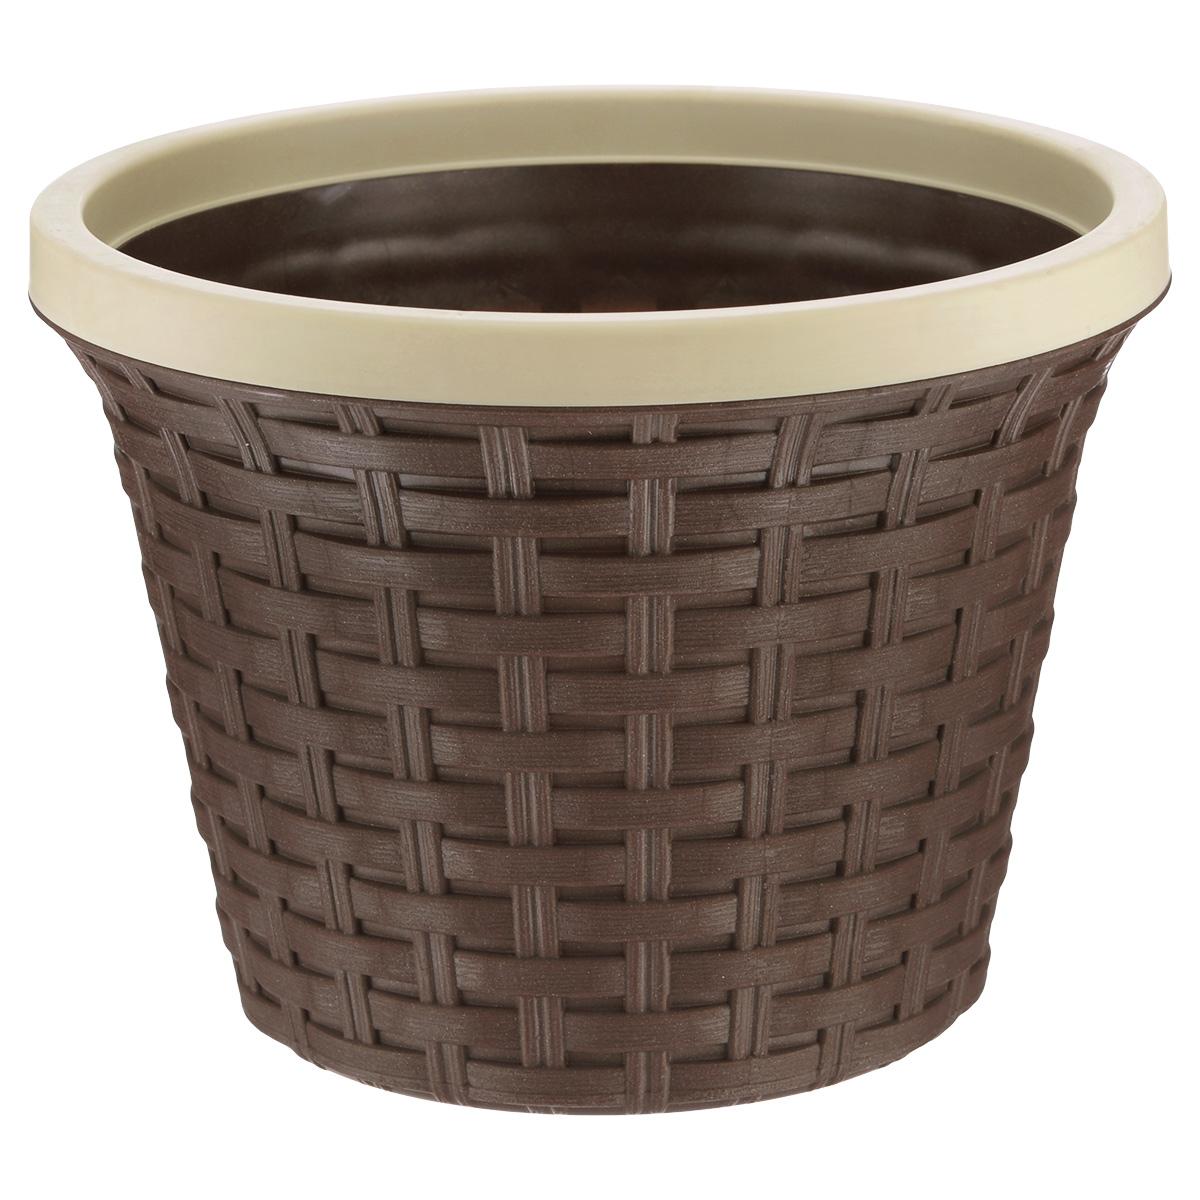 Кашпо круглое Violet Ротанг, с дренажной системой, цвет: коричневый, 3,4 л810586Круглое кашпо Violet Ротанг изготовлено из высококачественного пластика и оснащено дренажной системой для быстрого отведения избытка воды при поливе. Изделие прекрасно подходит для выращивания растений и цветов в домашних условиях. Лаконичный дизайн впишется в интерьер любого помещения.Объем: 3,4 л.